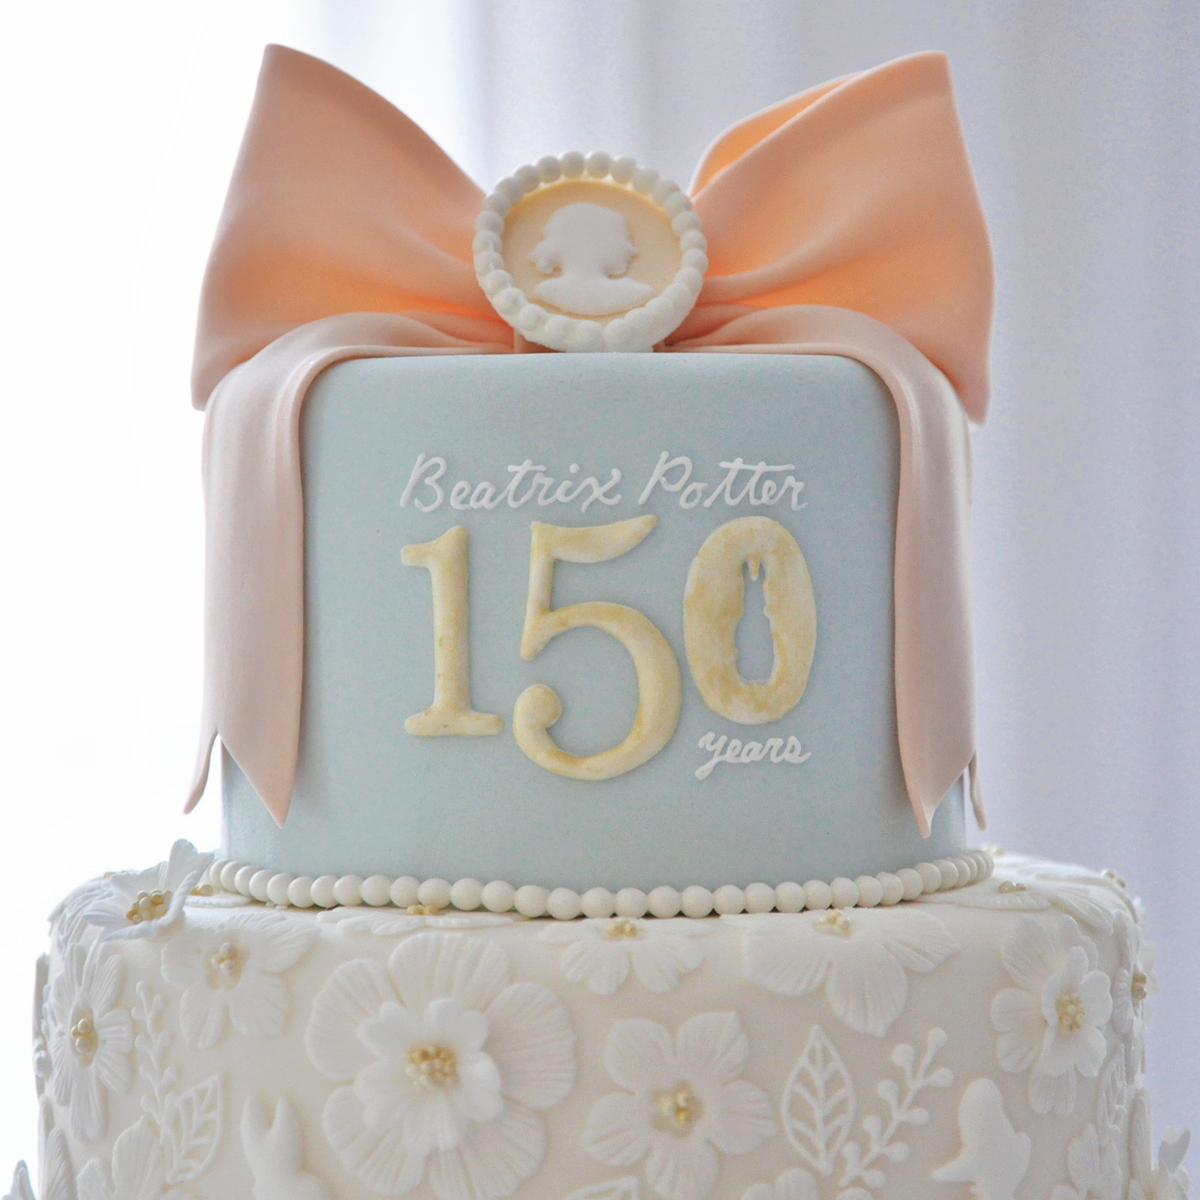 【作者生誕150周年記念・パーティーグッズプレゼント!!】PETER RABBITパーティーの作り方<br/>|by ARCH DAYS編集部